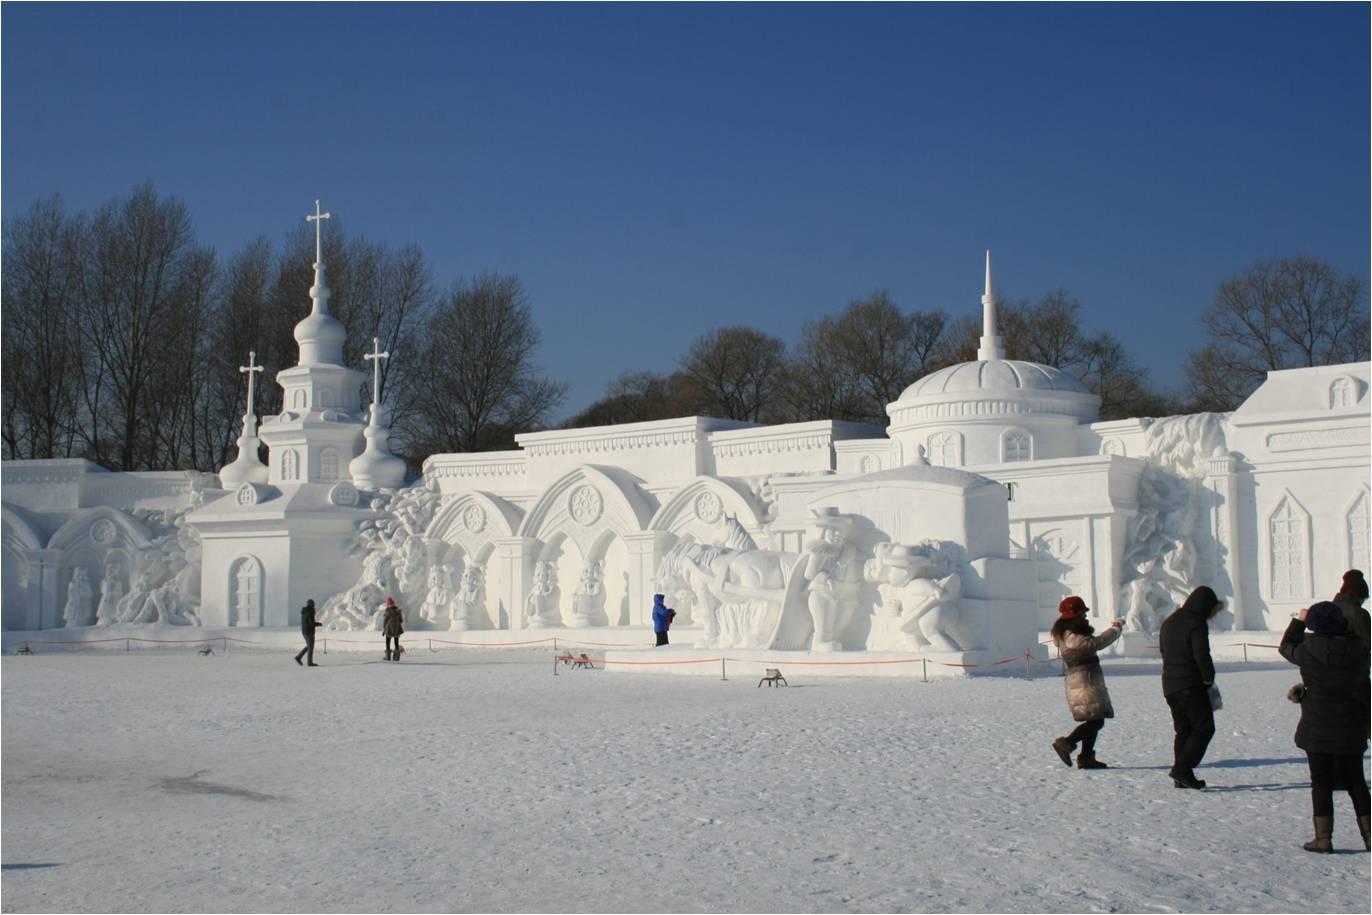 http://www.sayanring.ru/static/images/news/led_sibiri.jpg